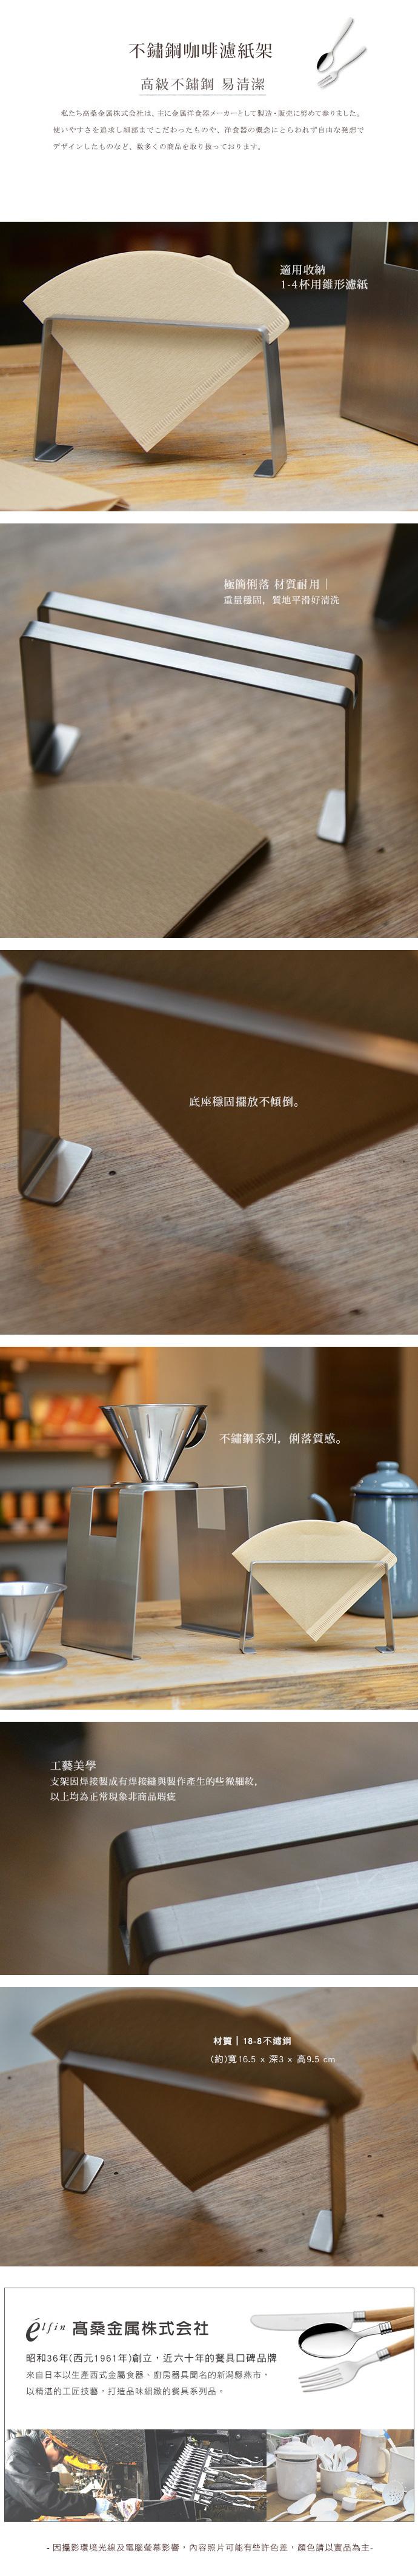 日本高桑elfin 不鏽鋼咖啡濾紙架